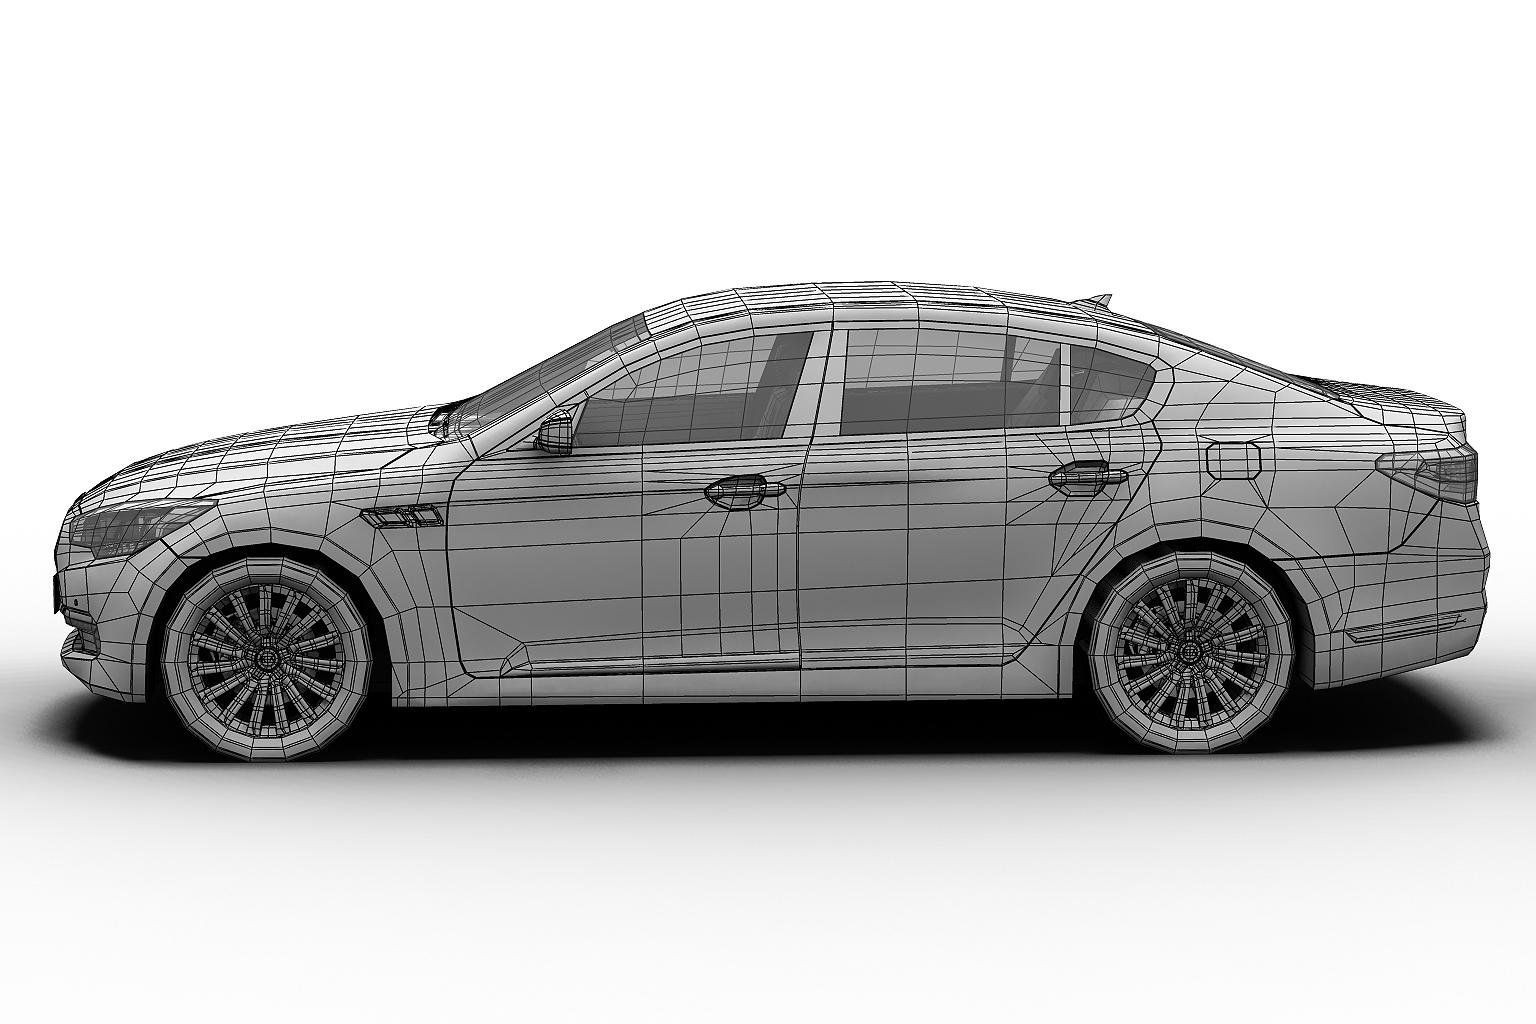 2012 kia k9 3d model 3ds max fbx c4d lwo hrc xsi obj 136306